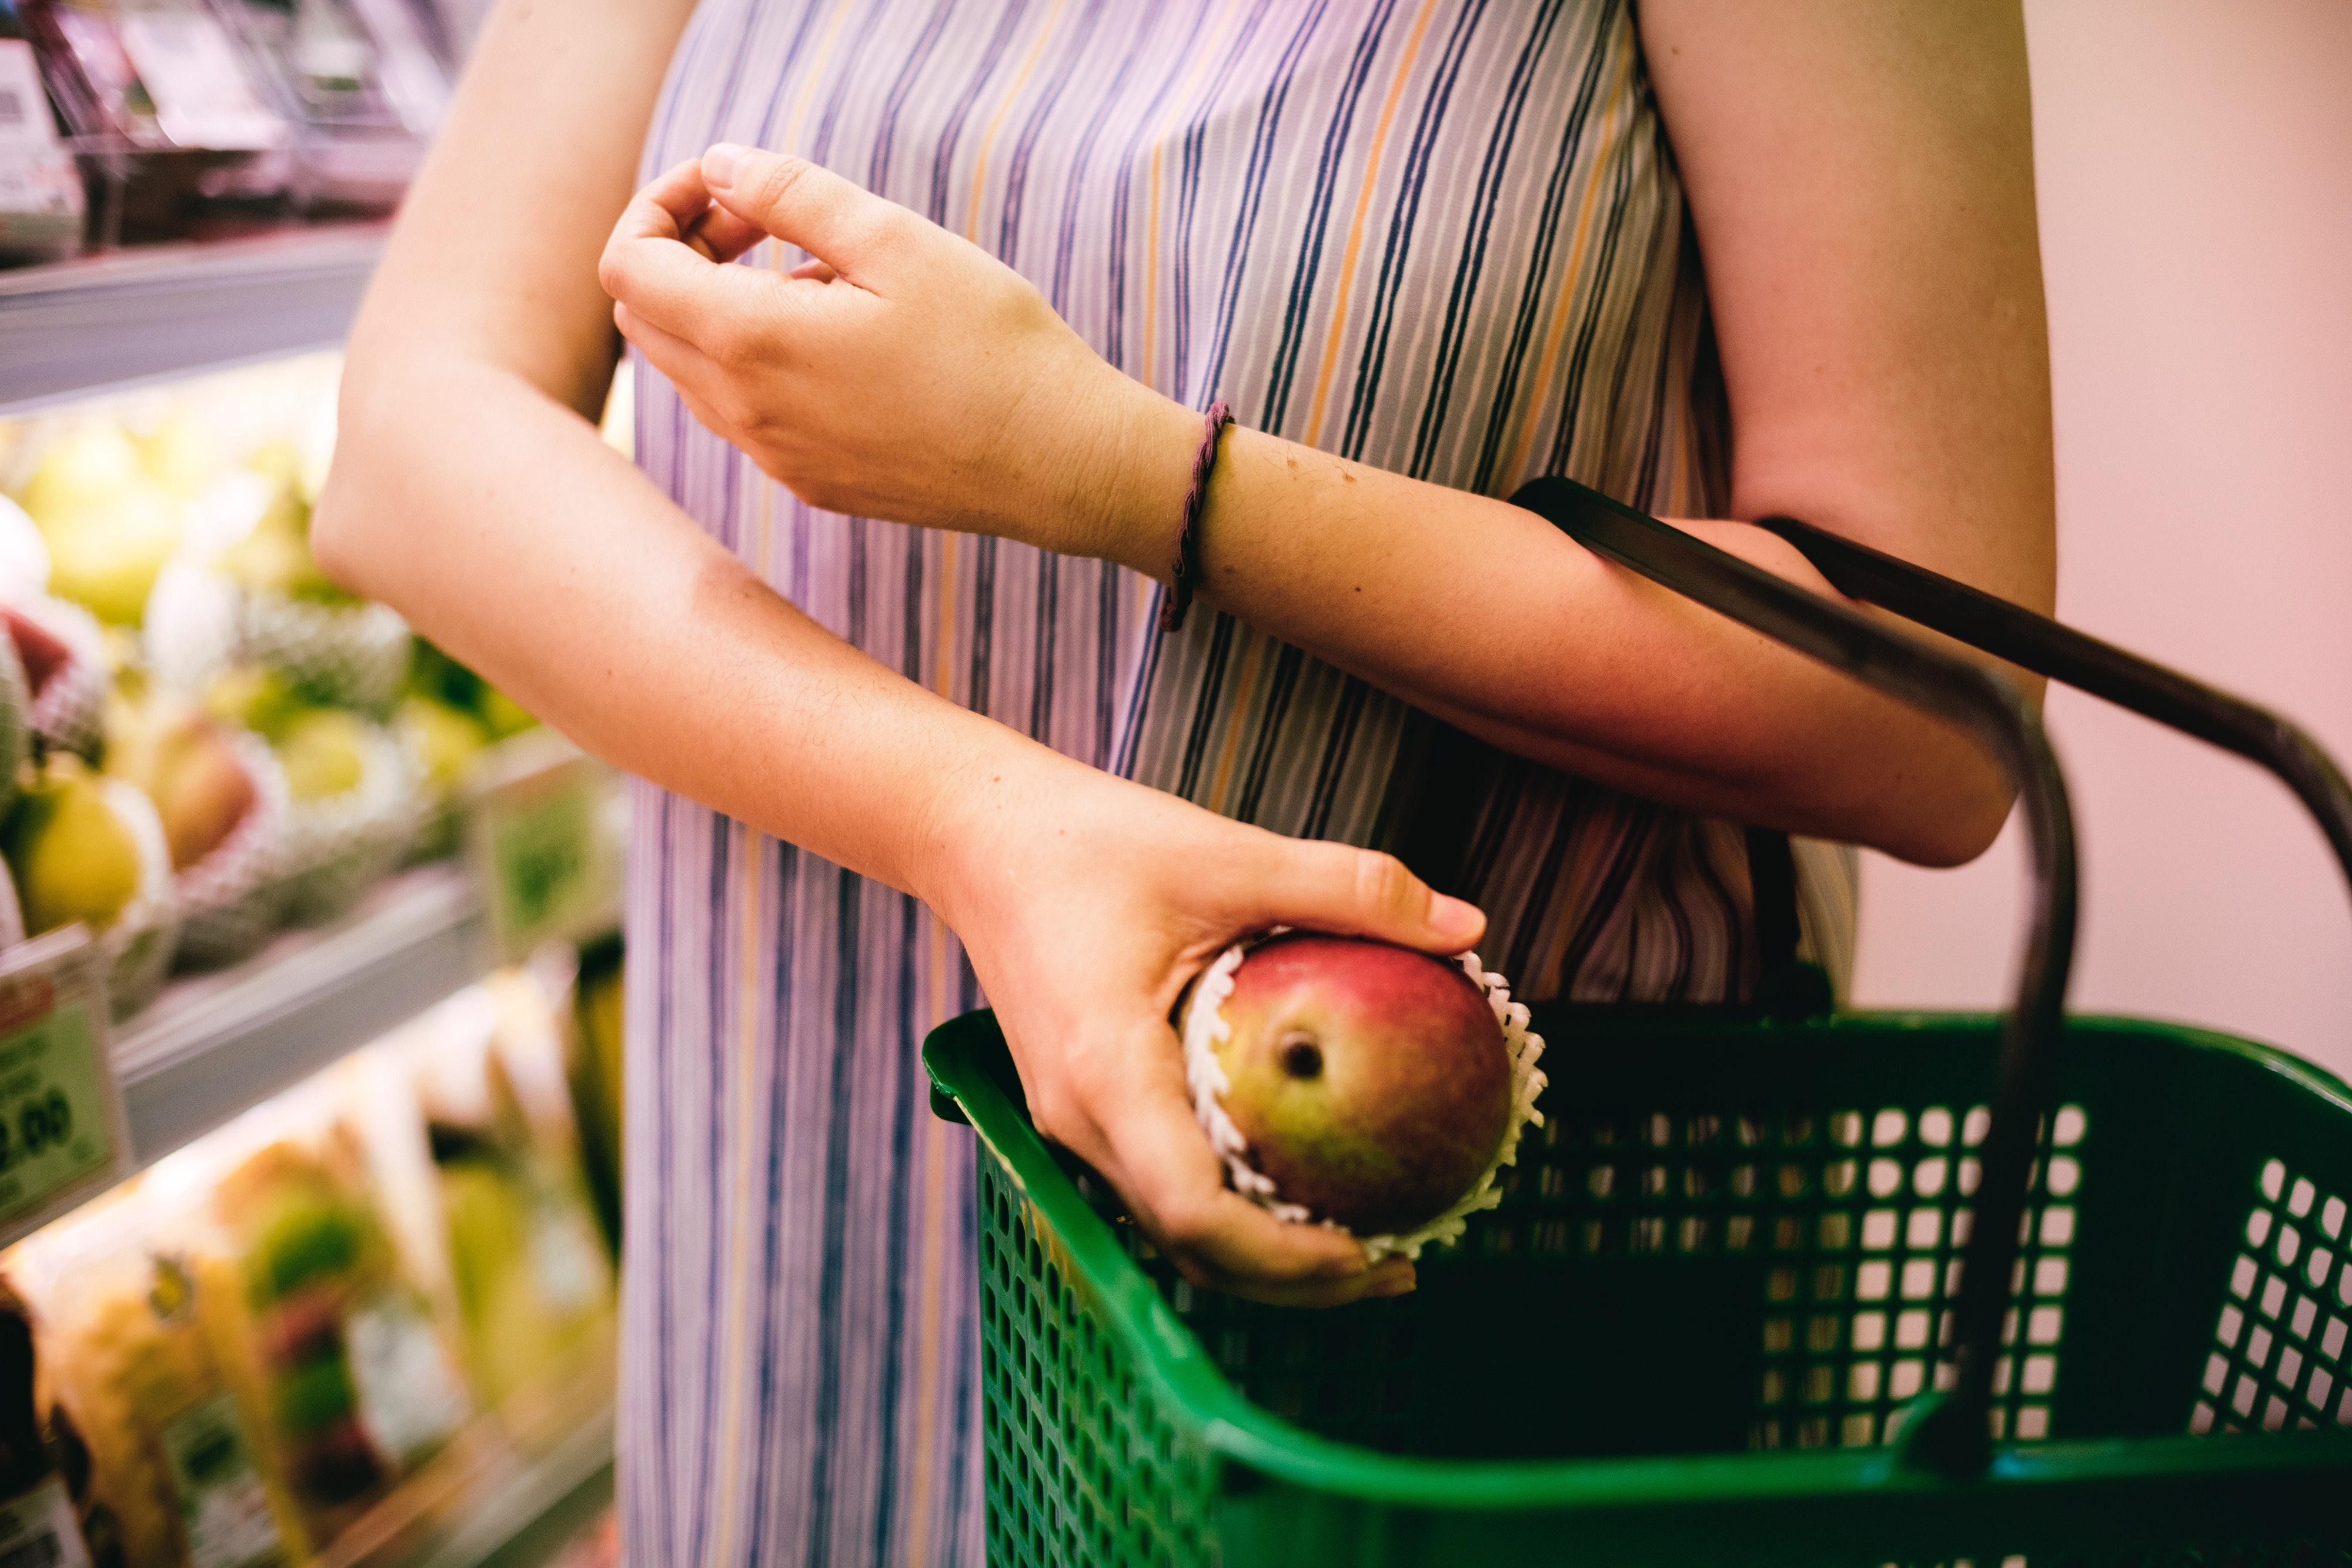 meio corpo de mulher colocando uma maça em uma cesta de mercado mostrando como economizar dinheiro com alimentos